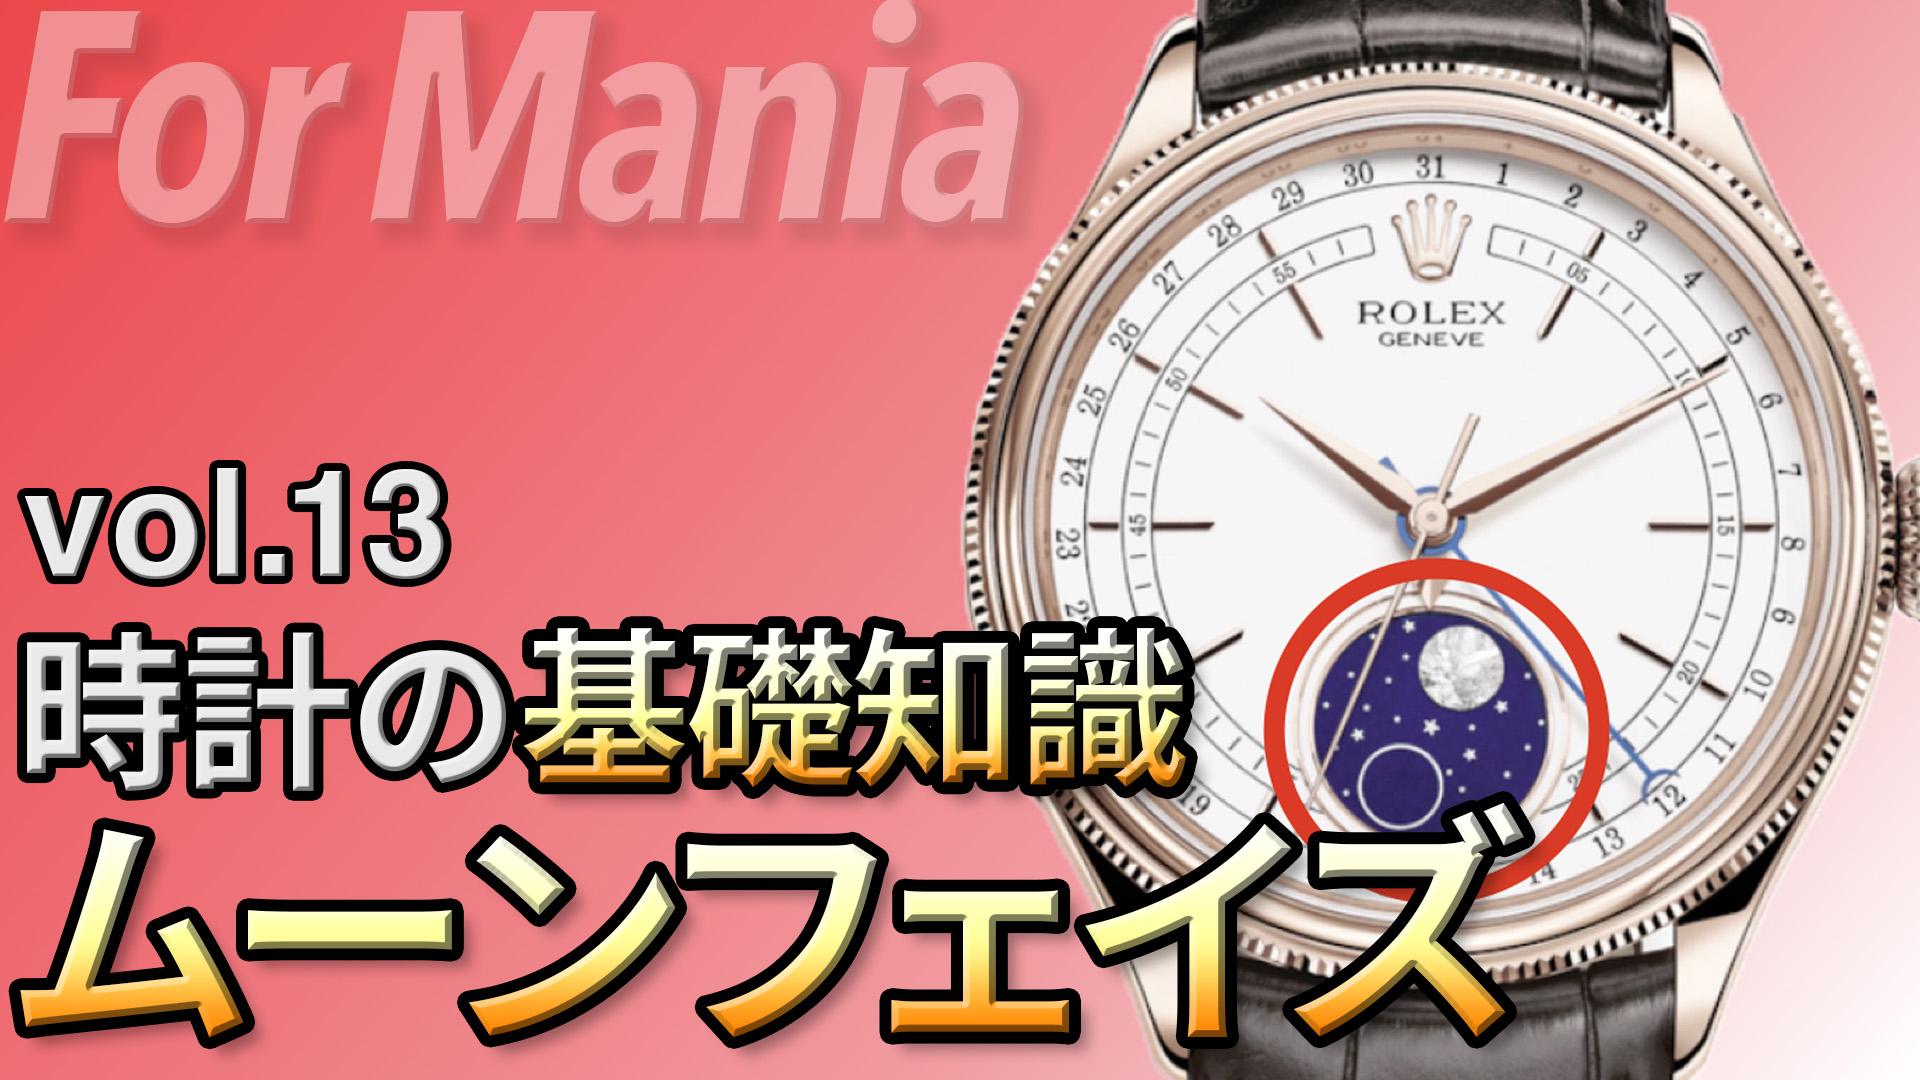 【基礎知識 vol.13】ムーンフェイズとは|腕時計の基礎知識・基礎用語